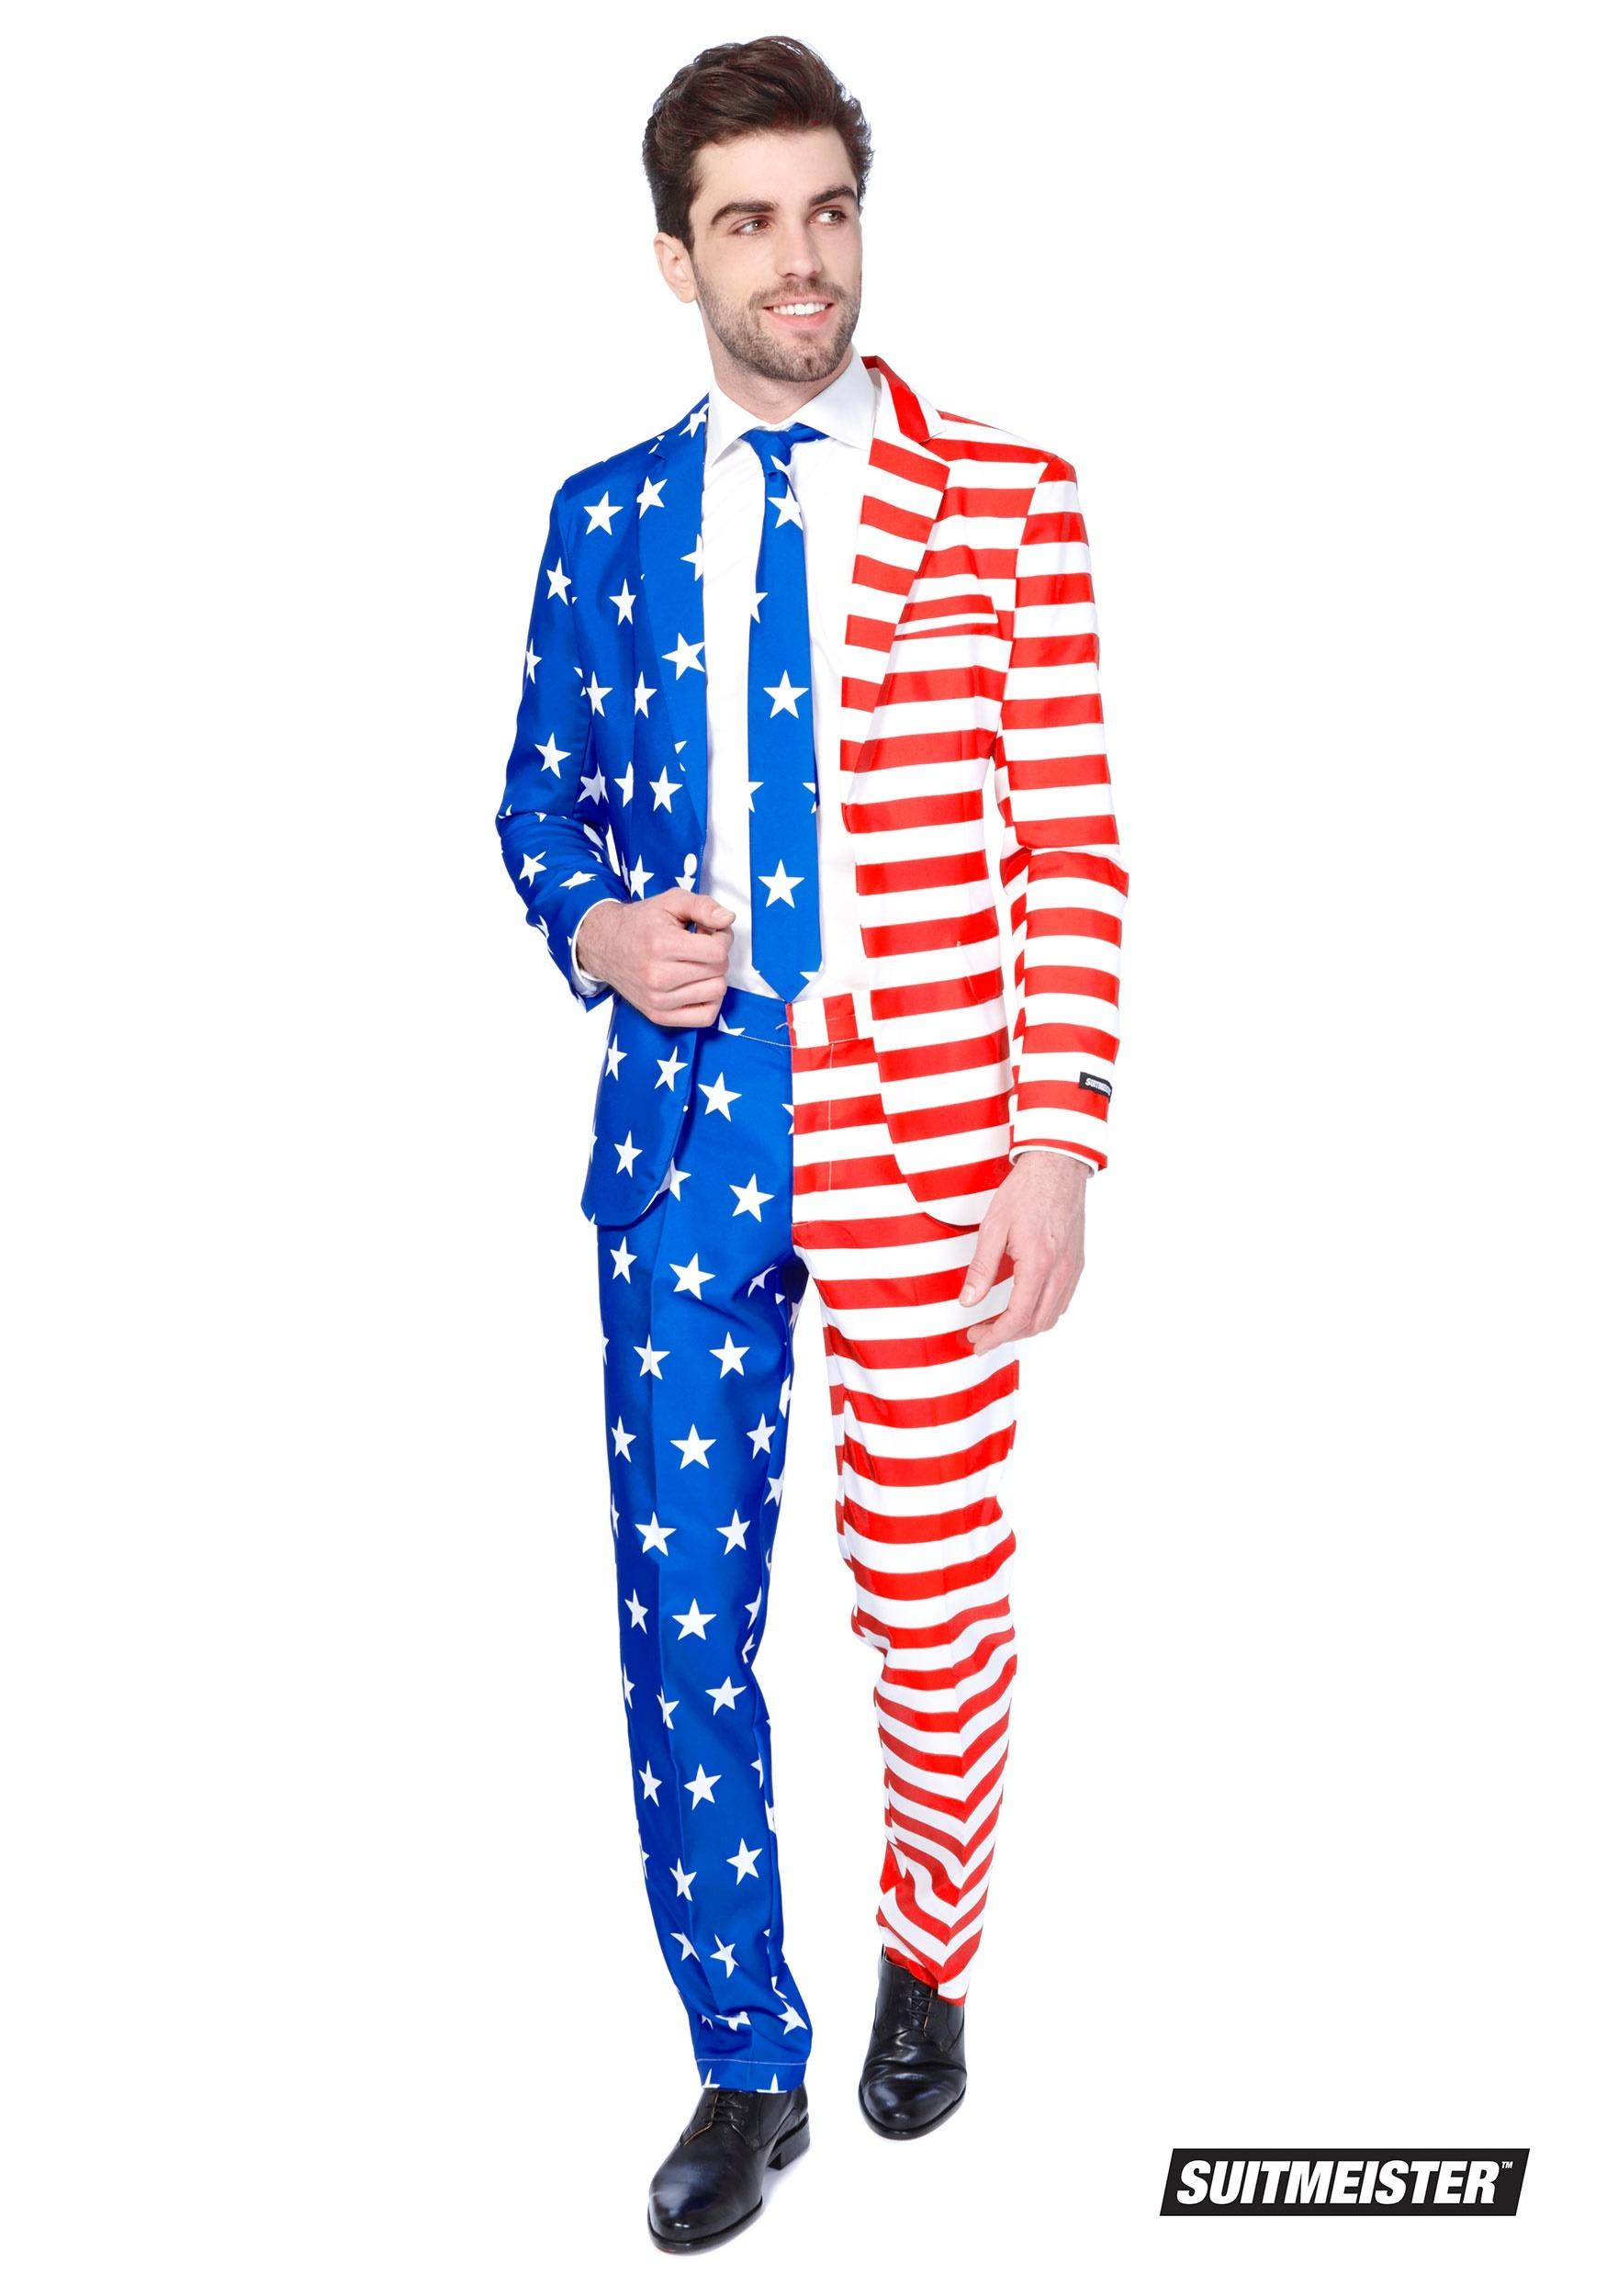 ad0482d7c9eb Suitmeister Suits - Men s Suits - FUN.com